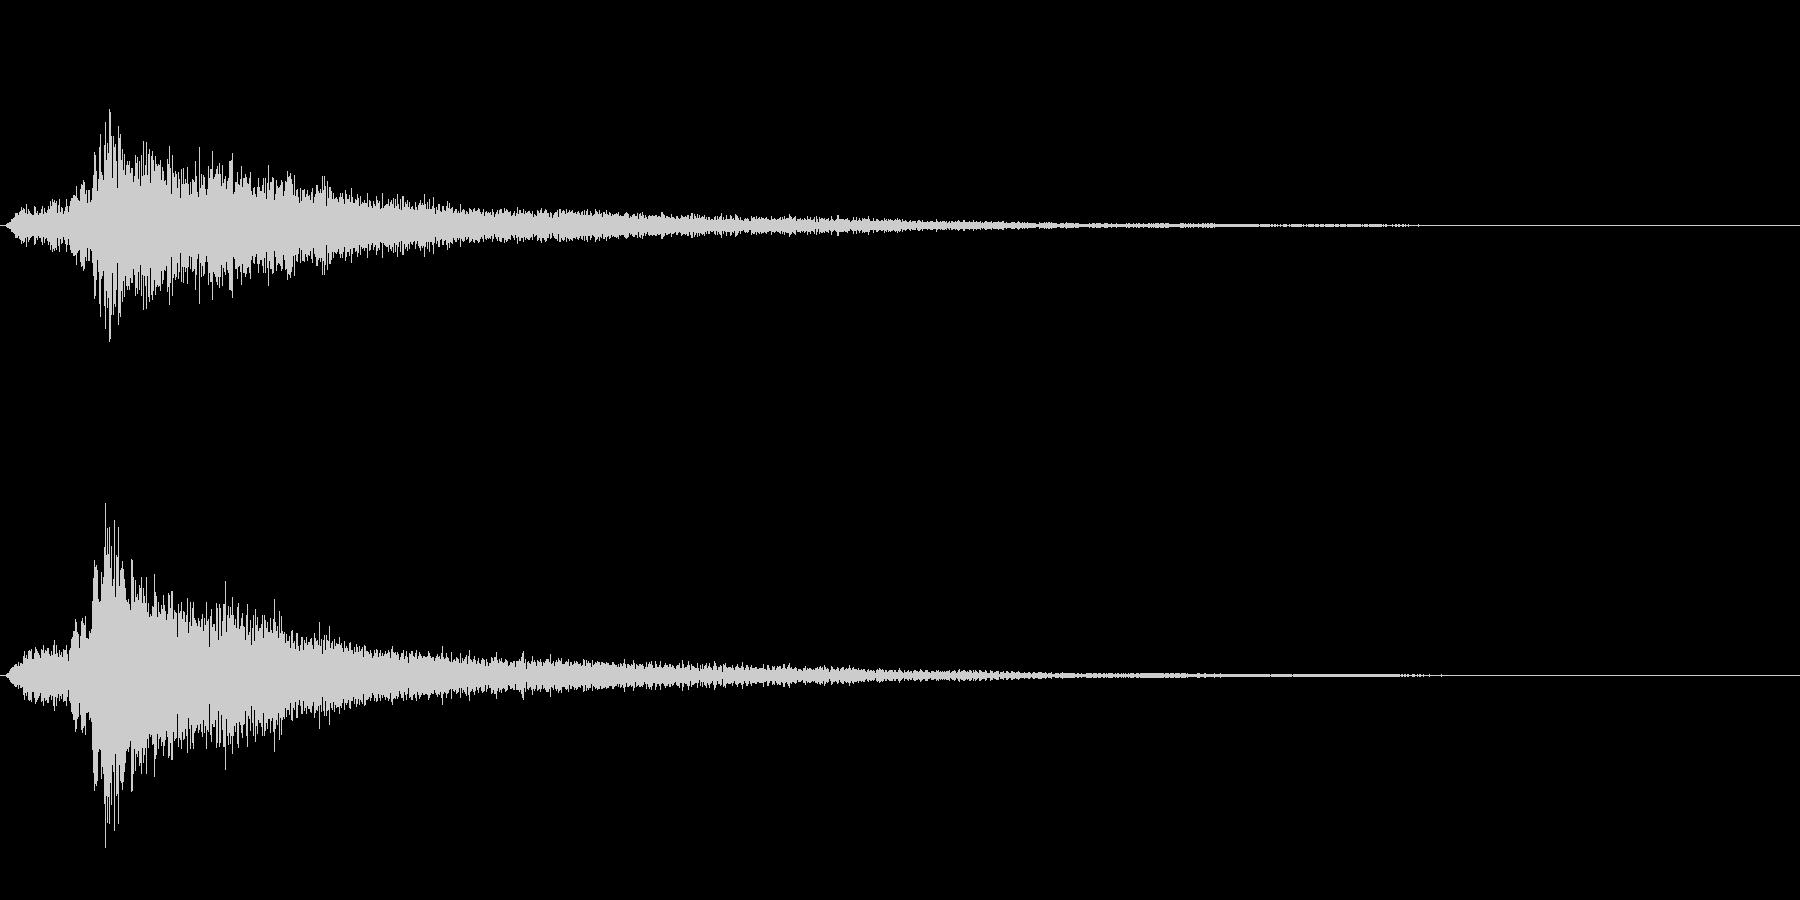 サスペンスに最適!ピアノの弦を弄ぶ音43の未再生の波形